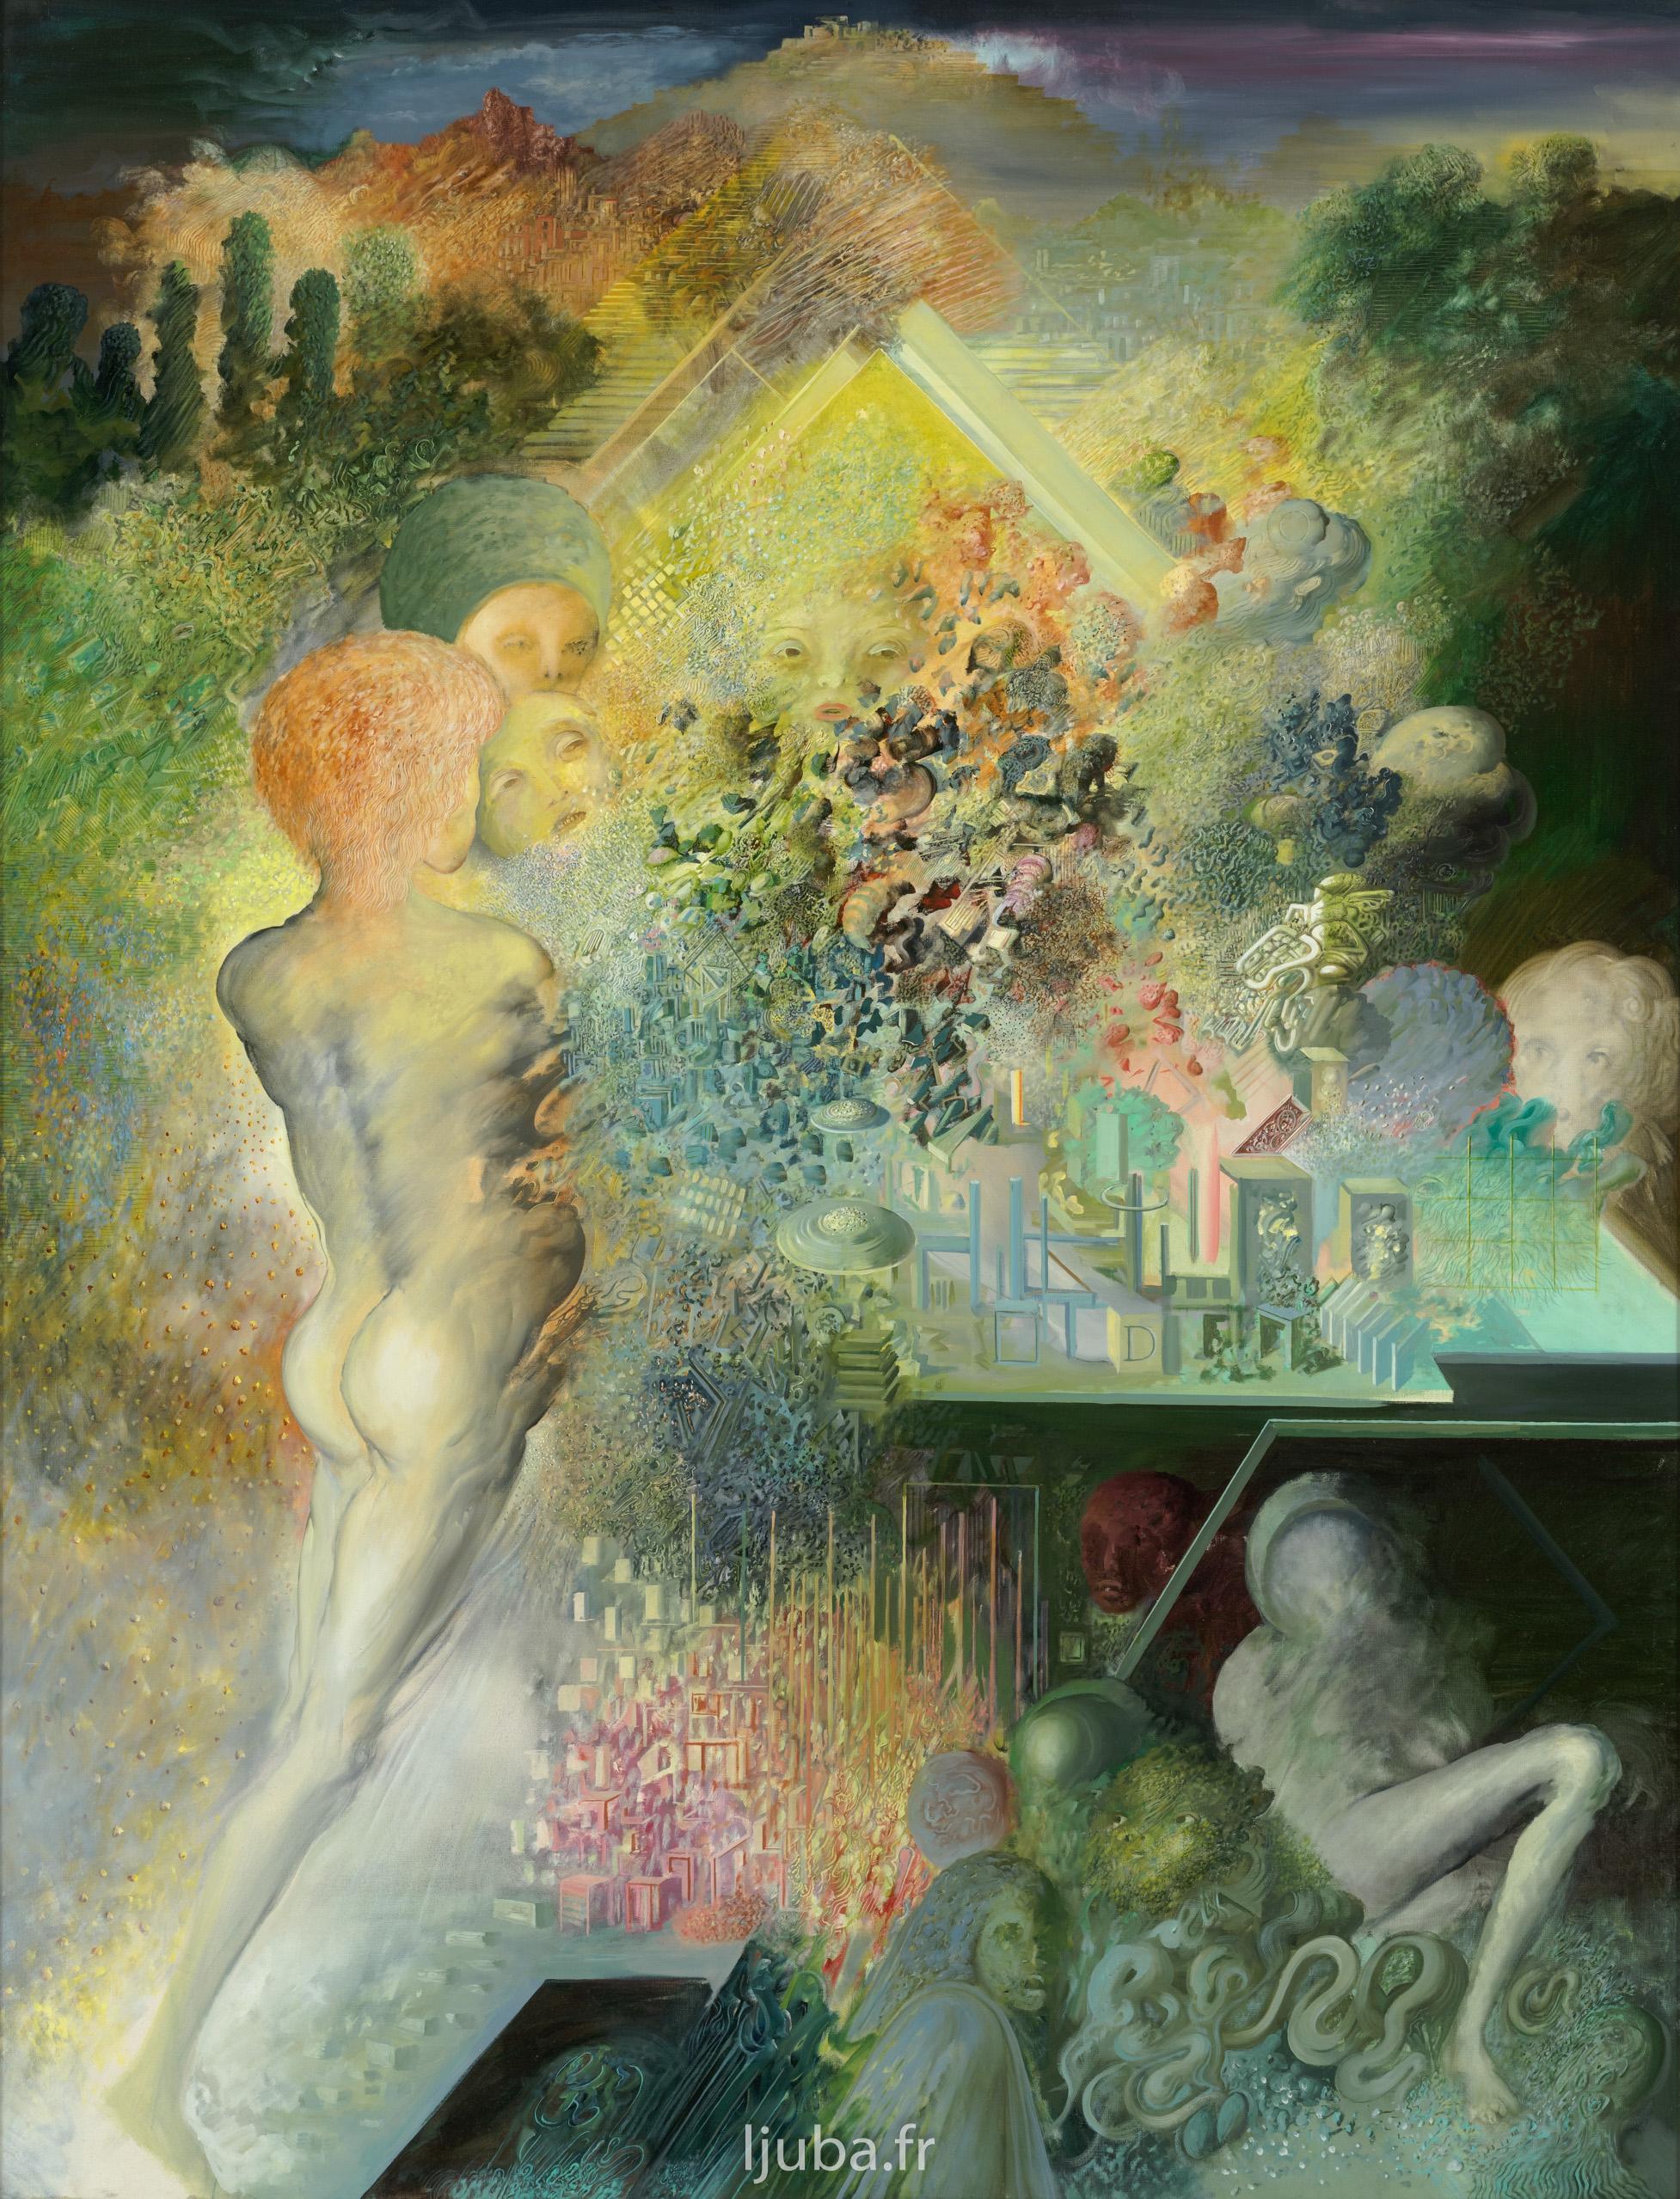 Ljuba Popovic - La conscience cosmique, 1975